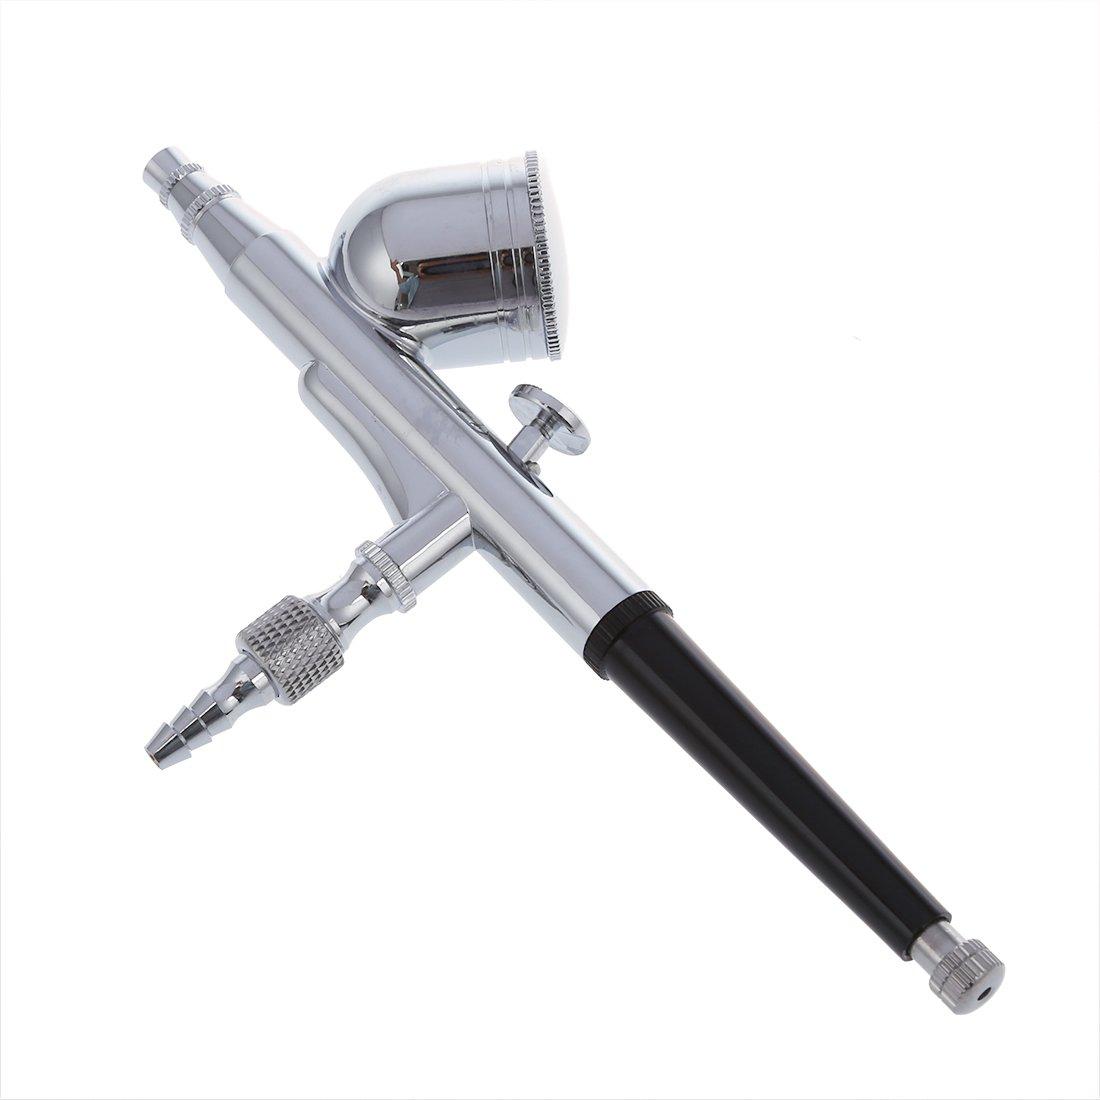 Kit de Pistola Aerografo Doble Acción 0.2mm de Pintura: Amazon.es: Bricolaje y herramientas